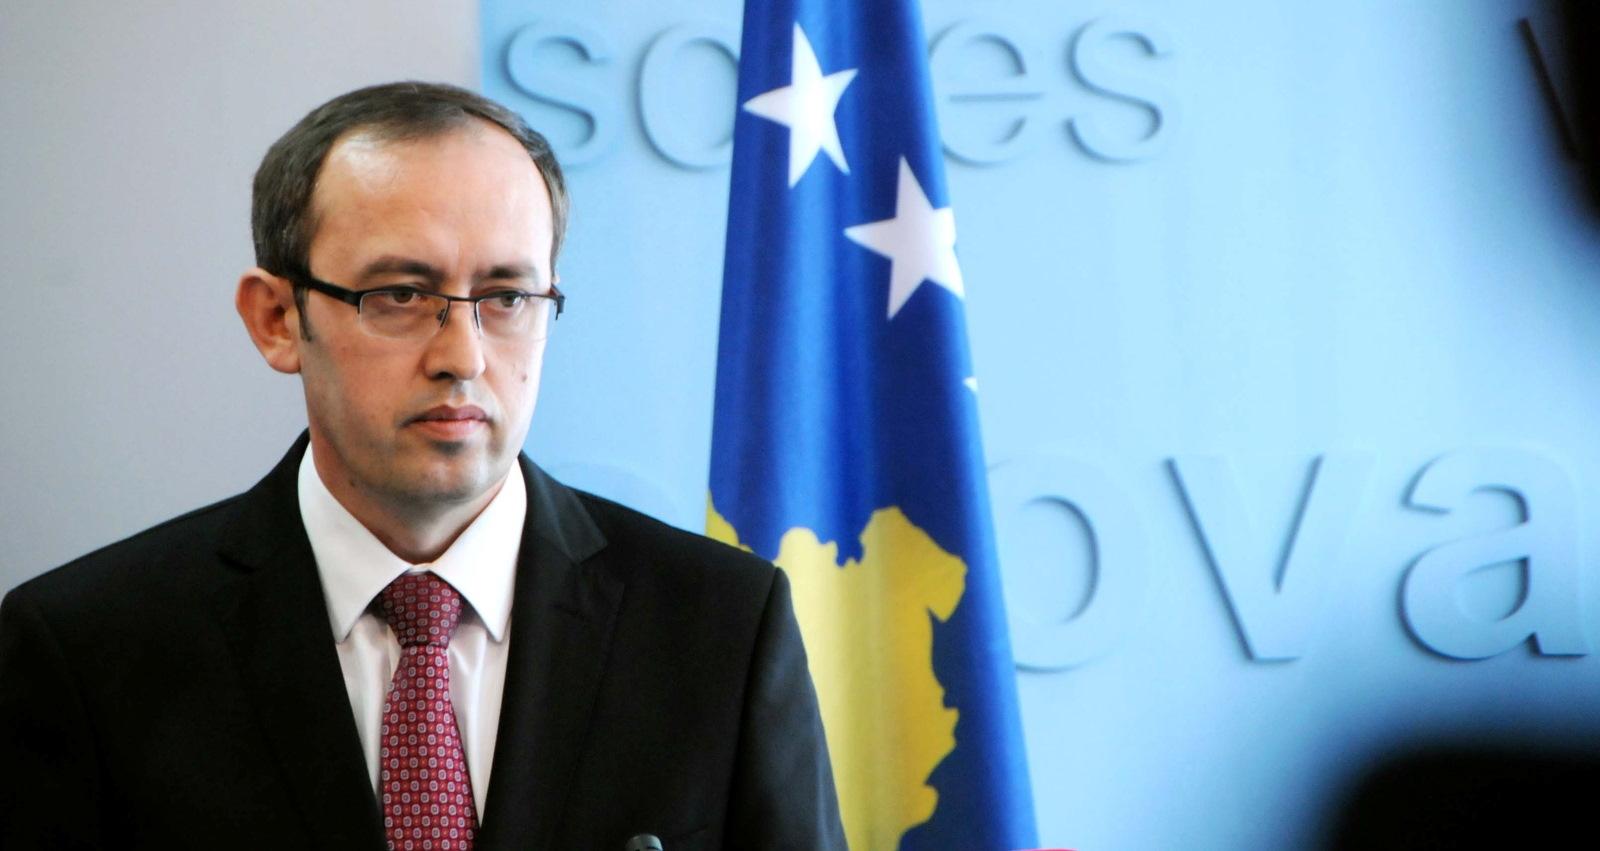 Hoti kthehet në Kosovë, nuk merr pjesë në takimin e 27 qershorit në Uashington - Abc News